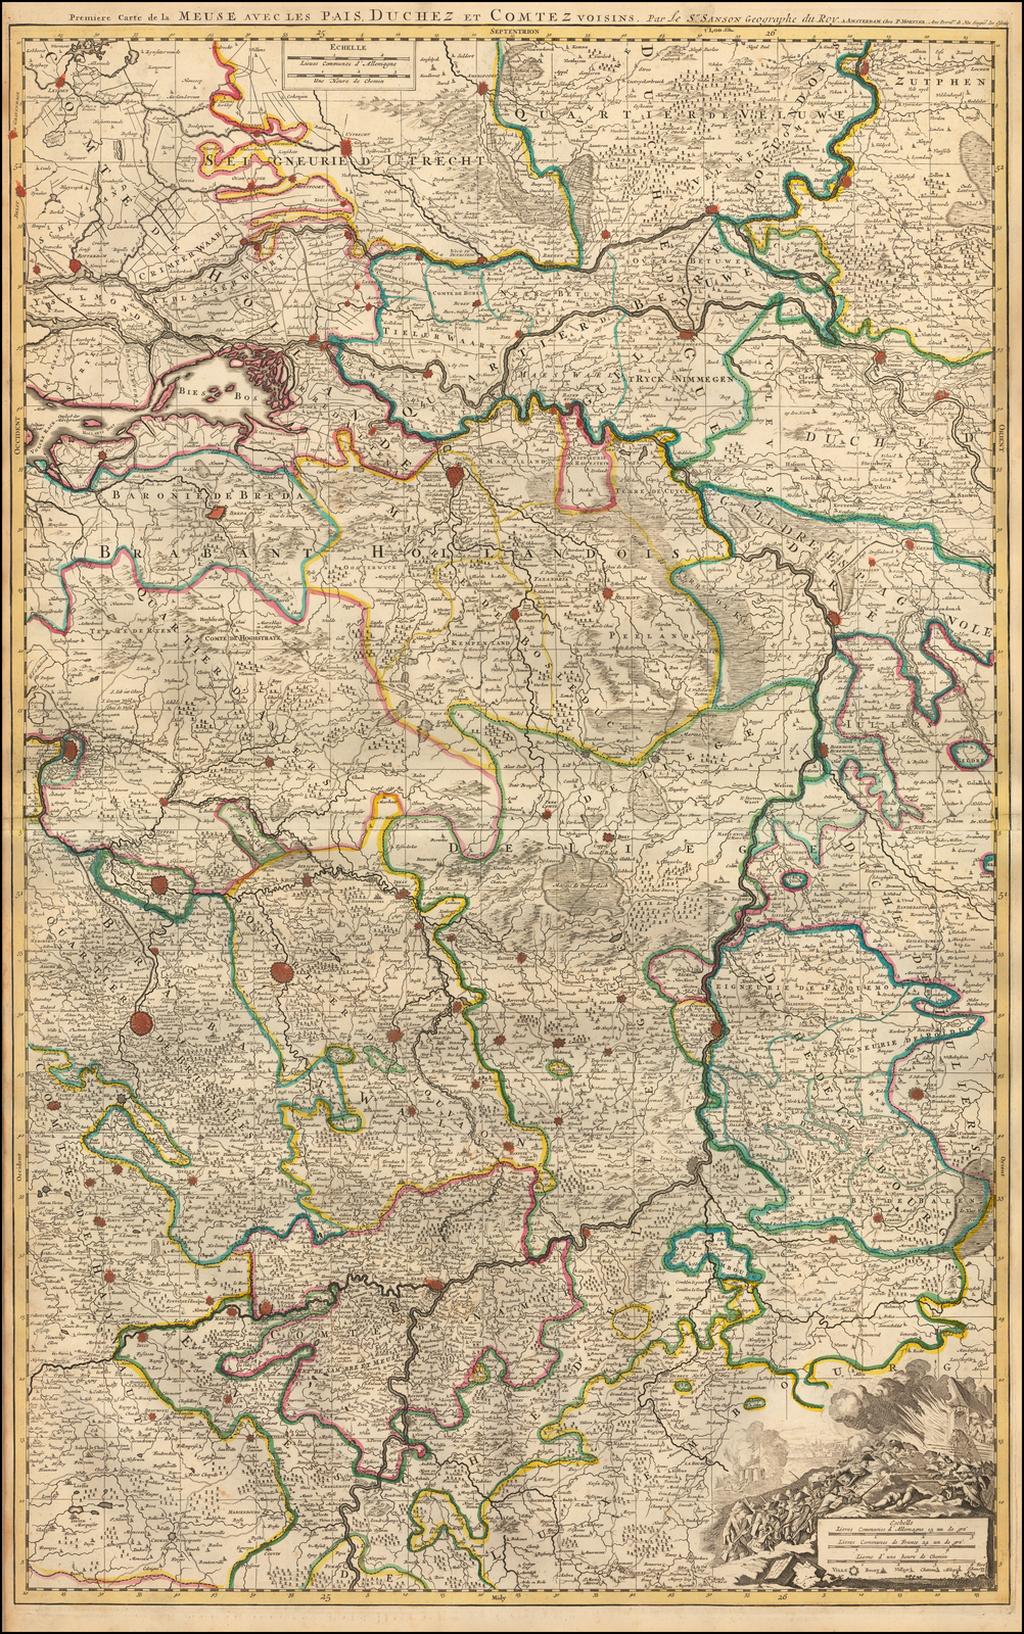 Premiere Carte de la Meuse avec les Pais, Duchez et Comtez voisins. By Pieter Mortier